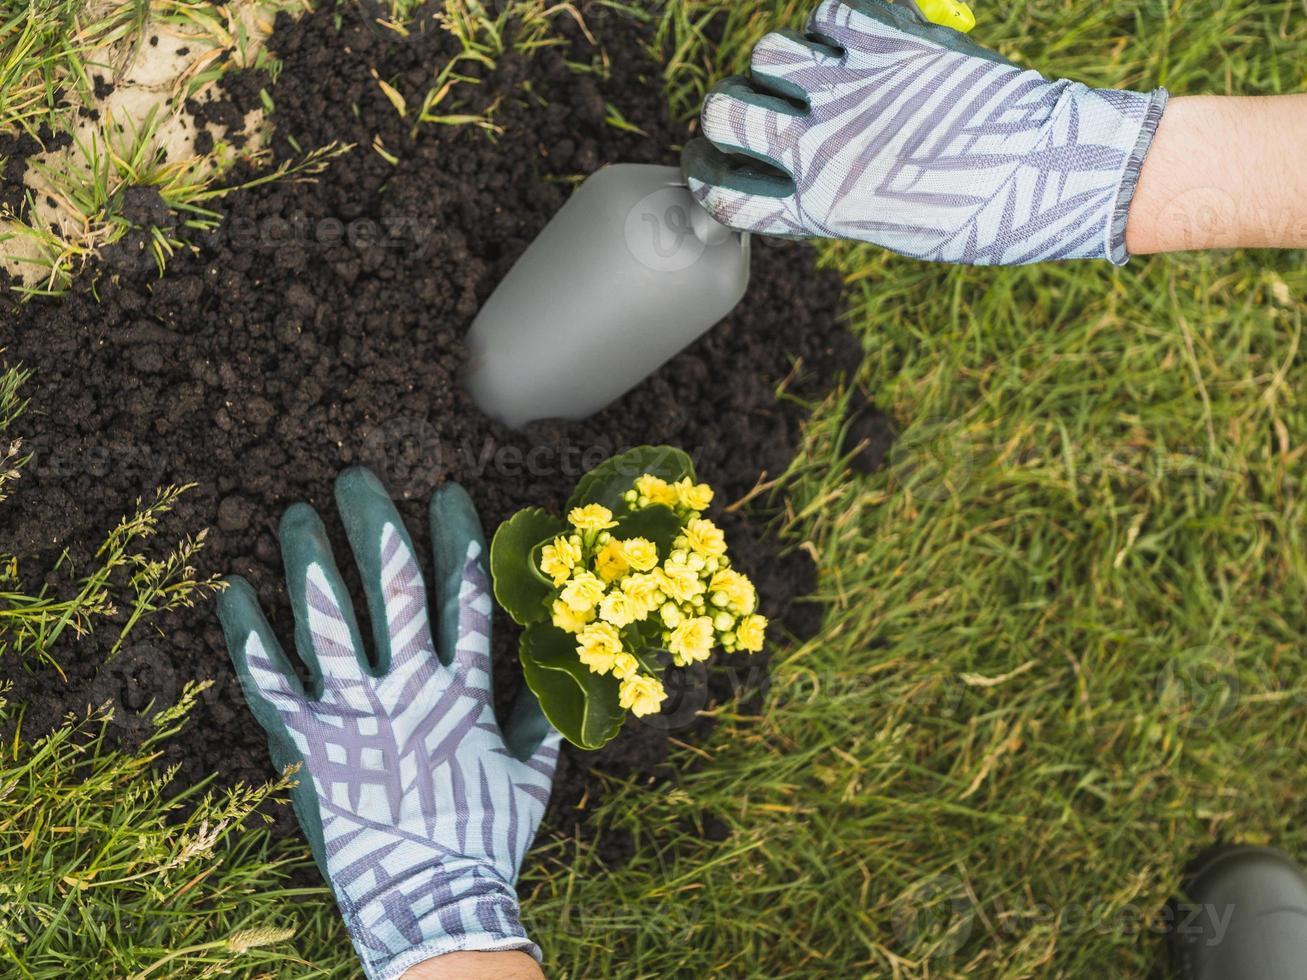 giardiniere che pianta piante succulente nel terreno foto